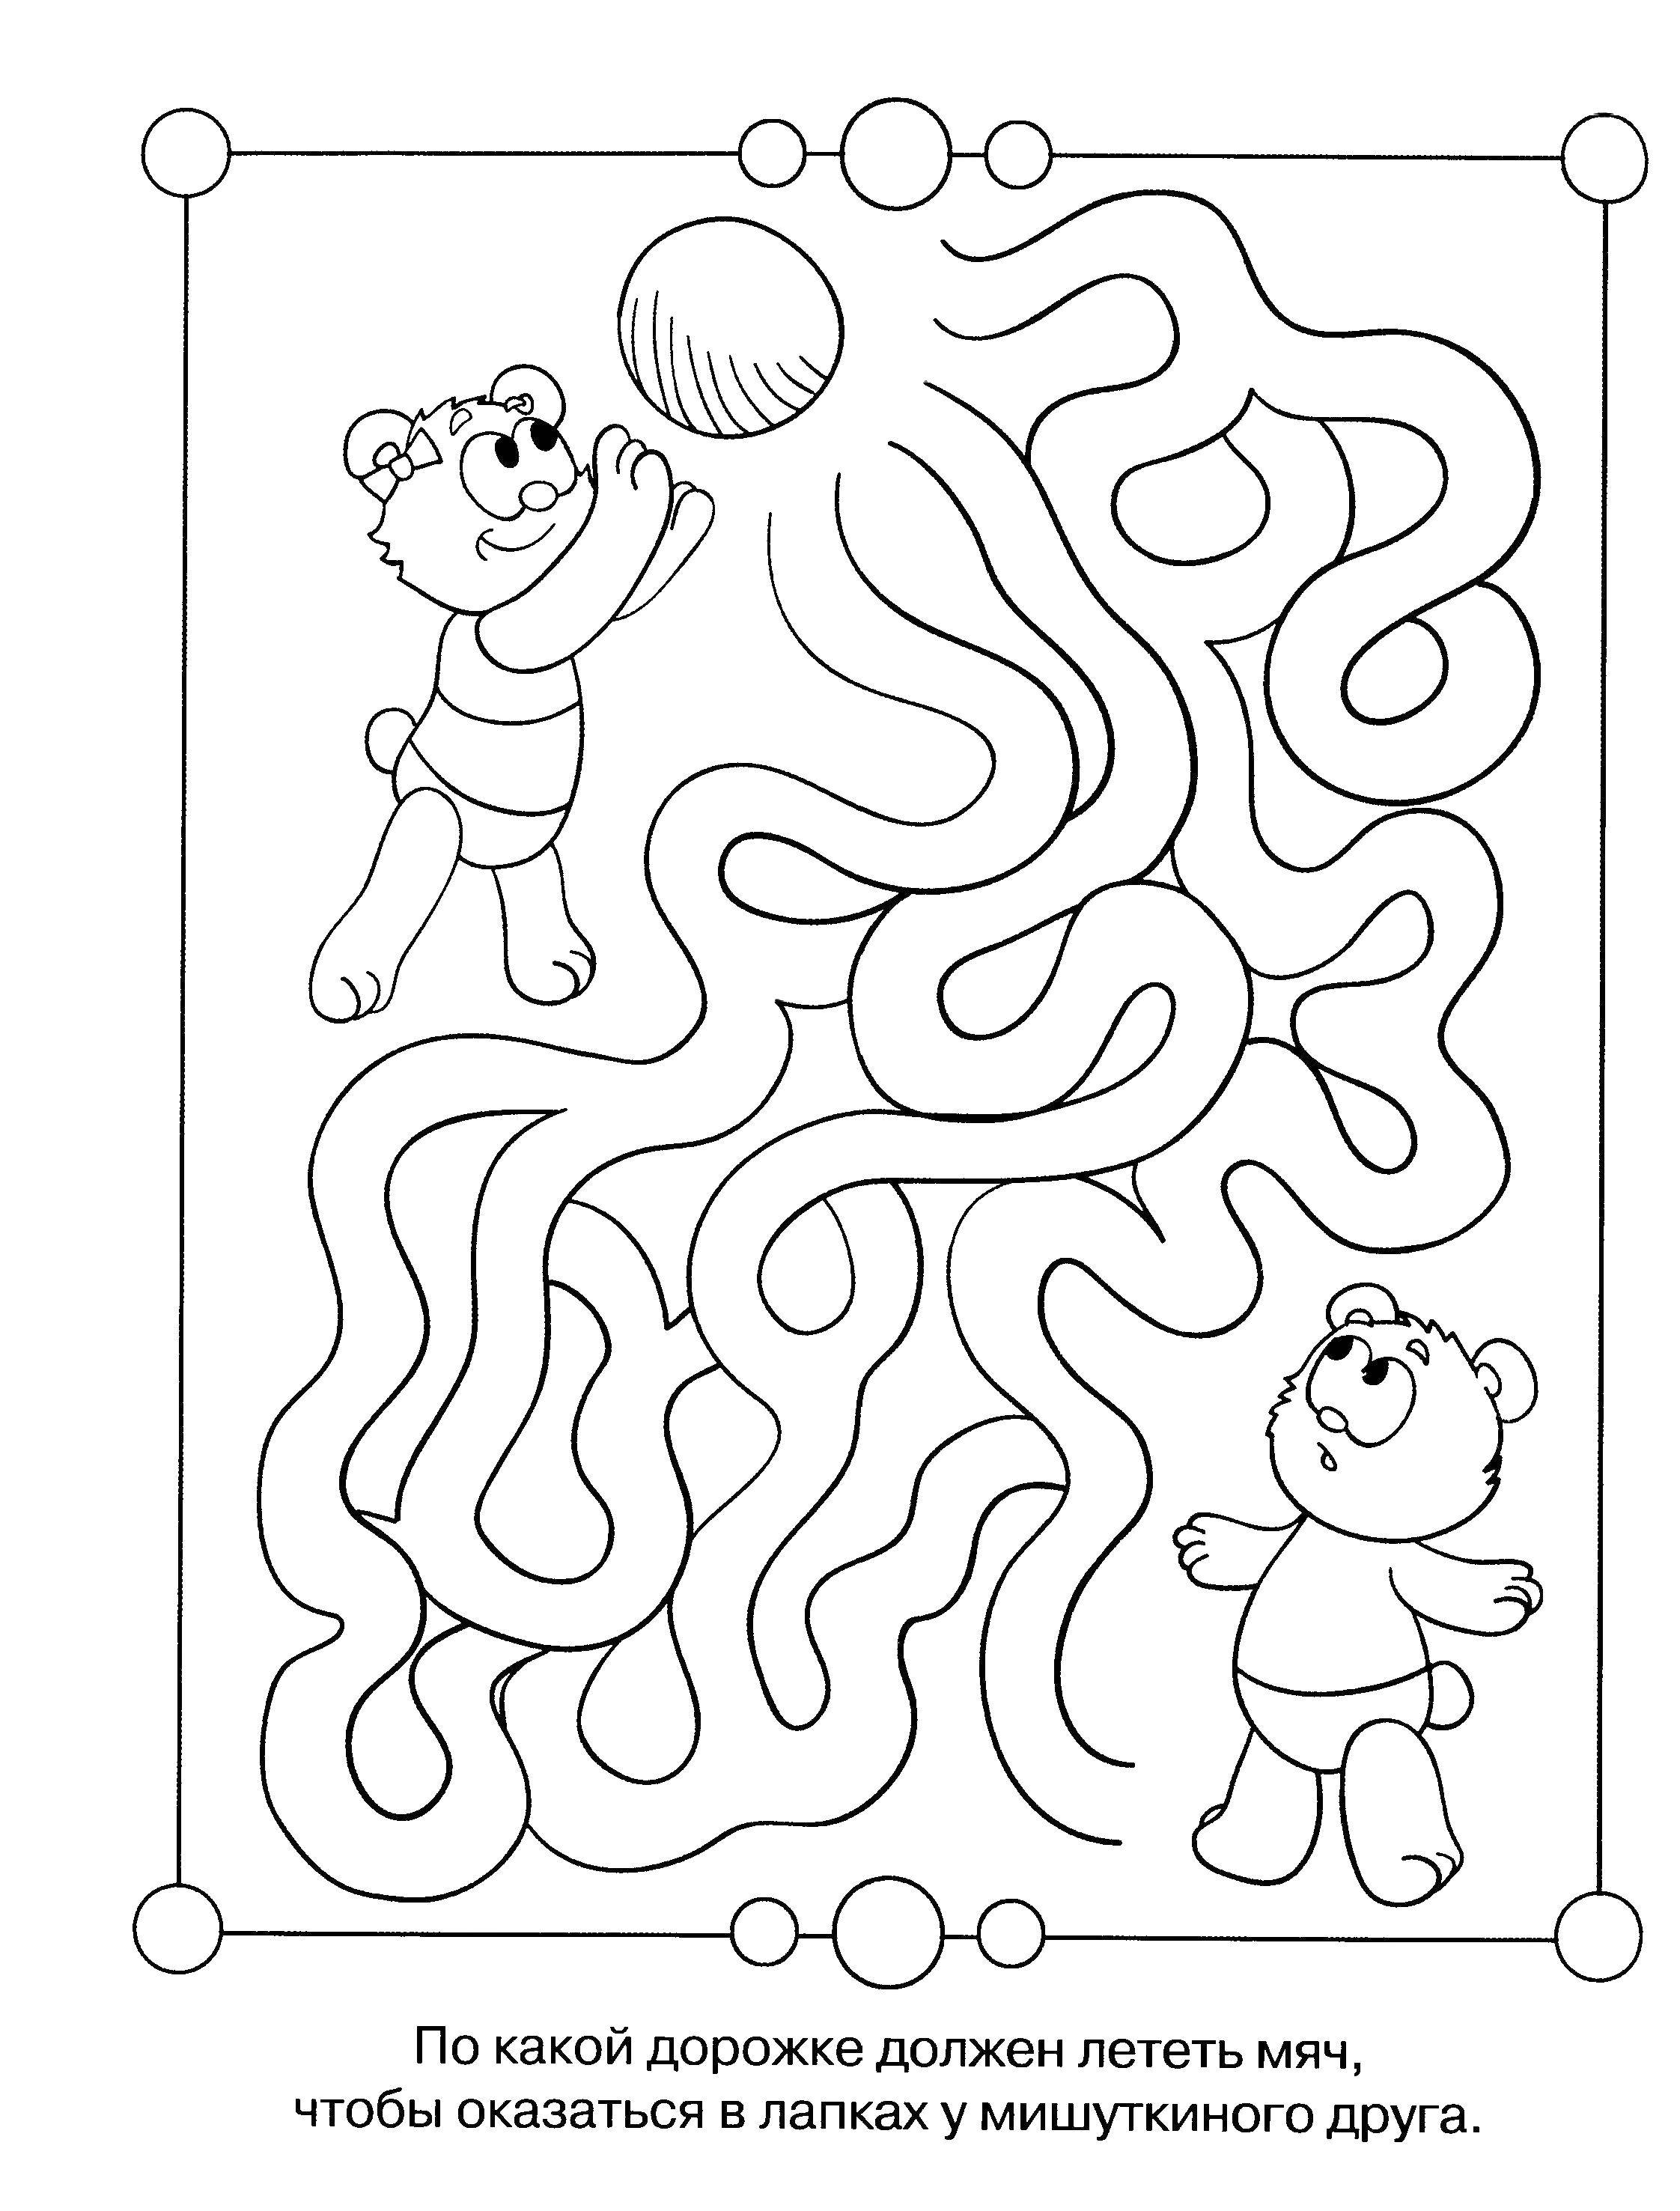 Раскраска Лабиринт мишуток Скачать Лабиринт, логика.  Распечатать ,ребусы для детей,